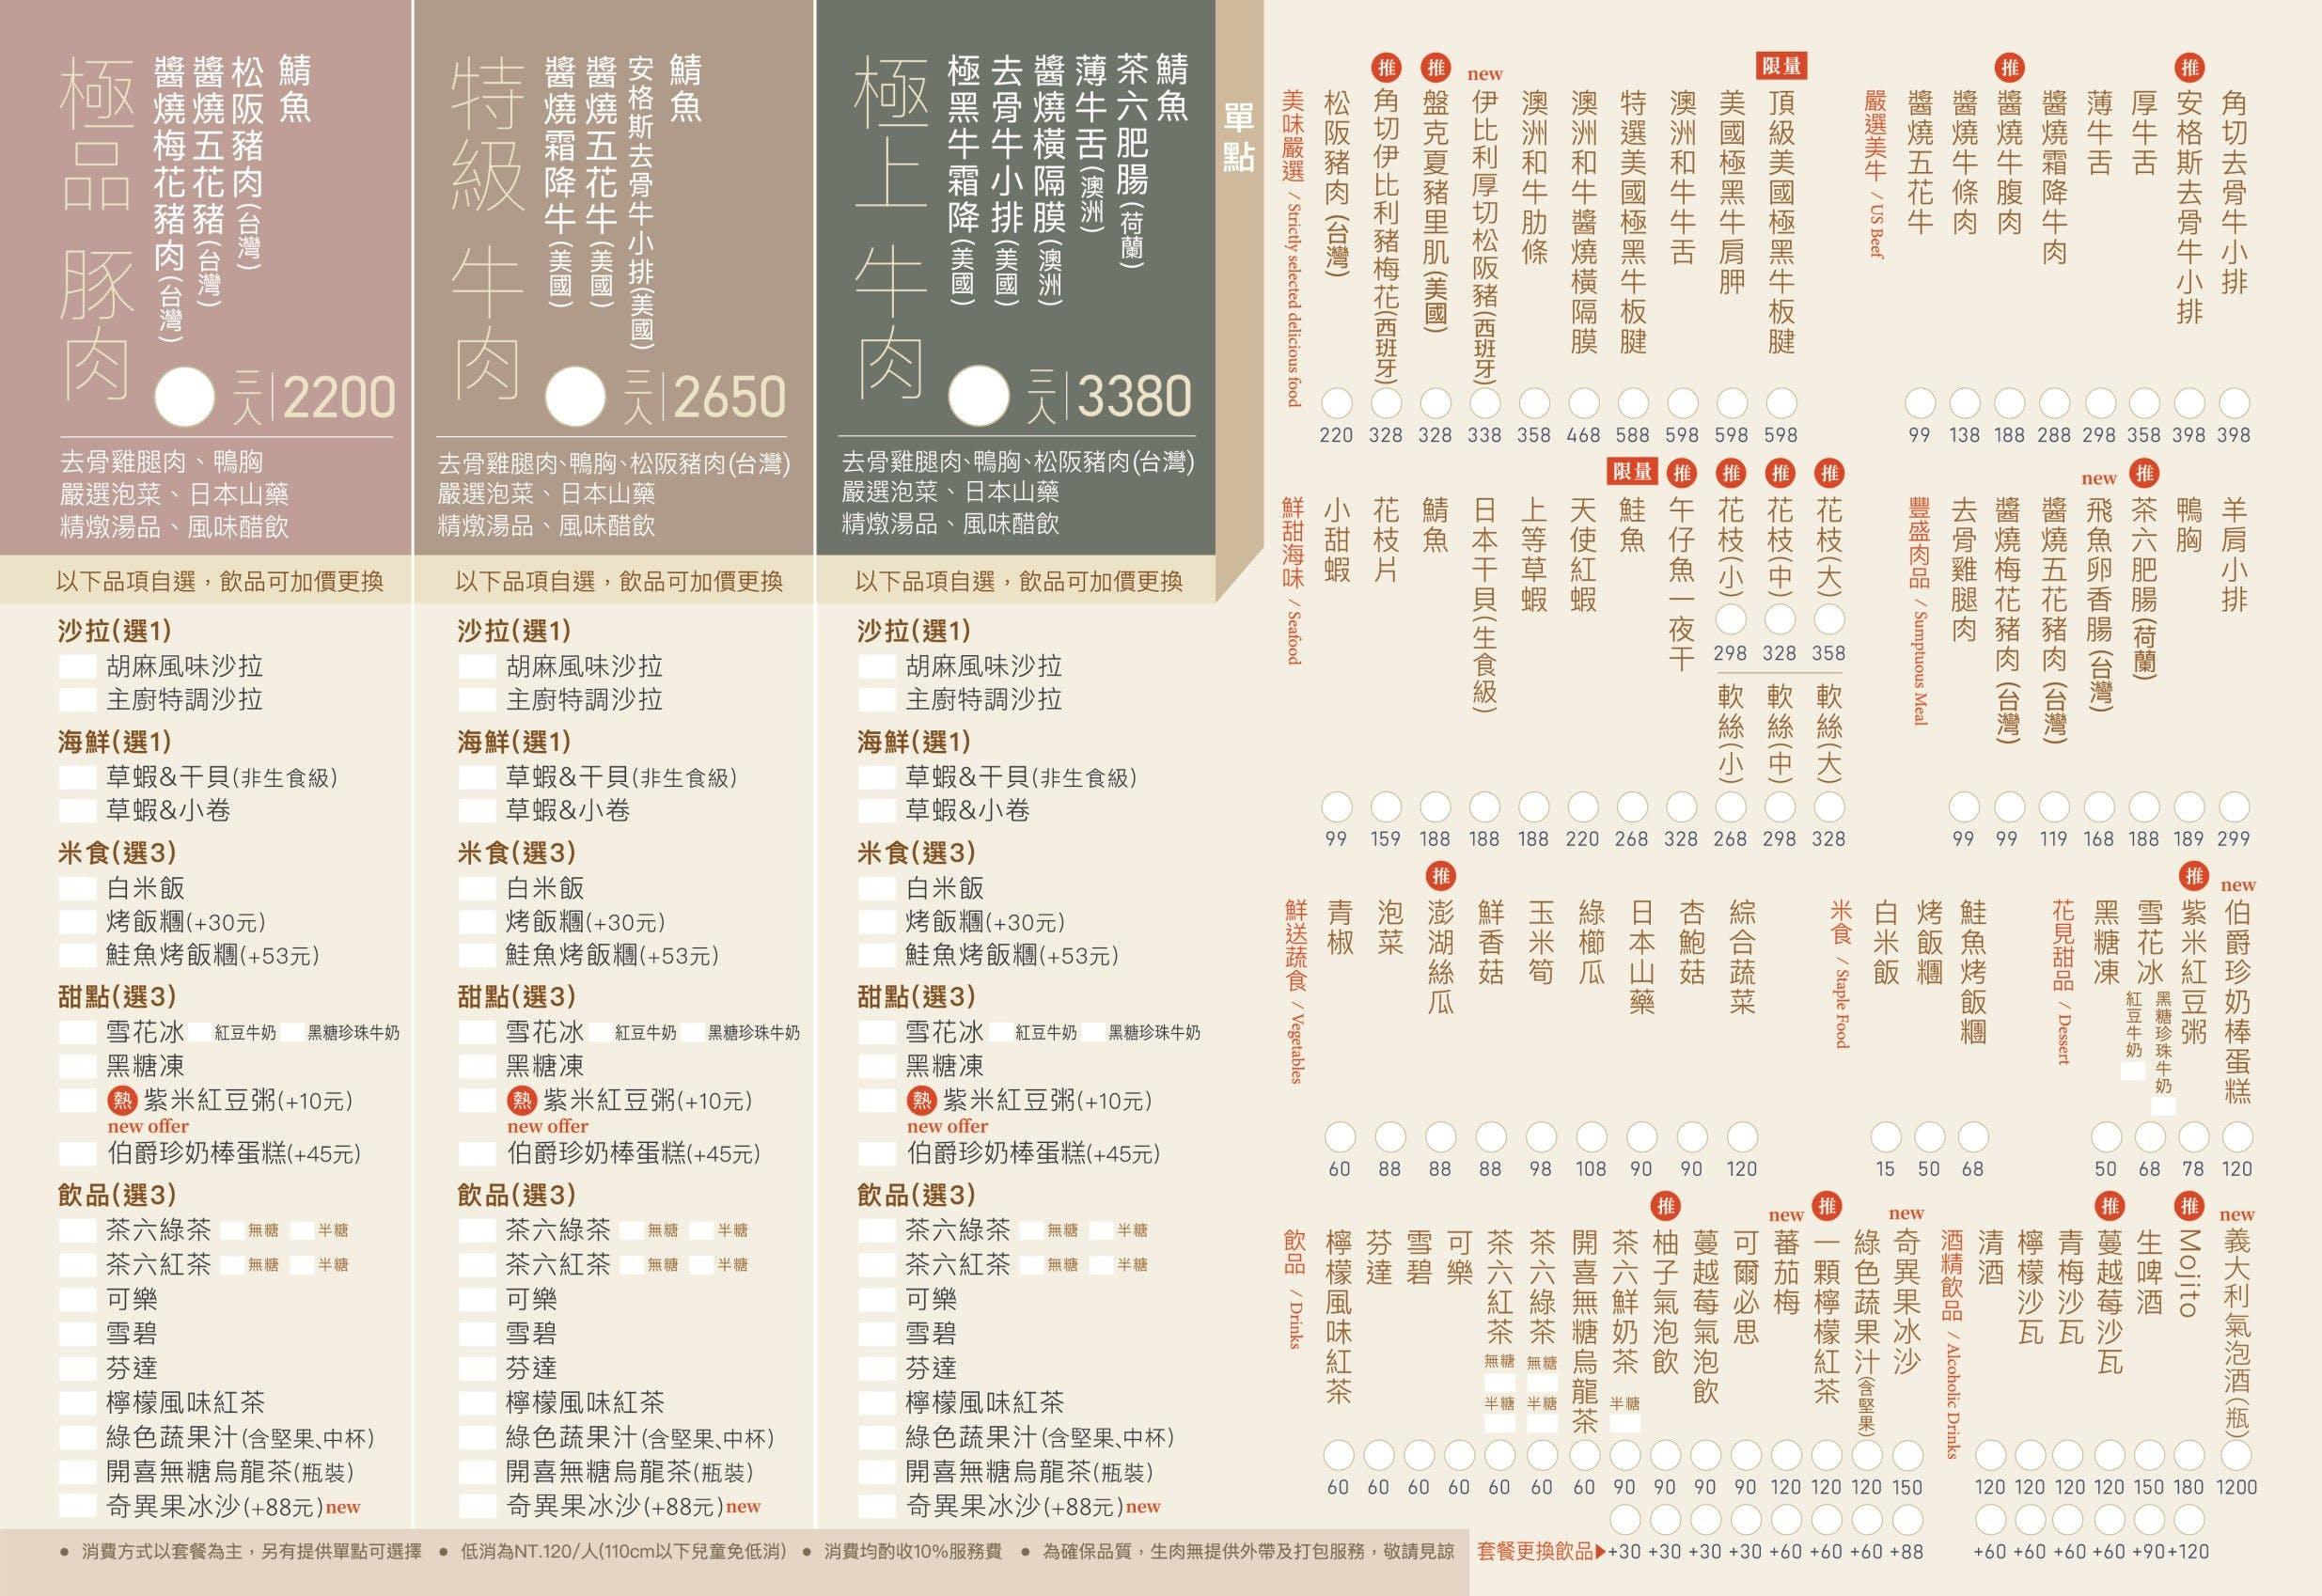 【台中北屯】茶六中清店:茶六燒肉堂進駐北屯,午間雙人套餐$988元起 @飛天璇的口袋